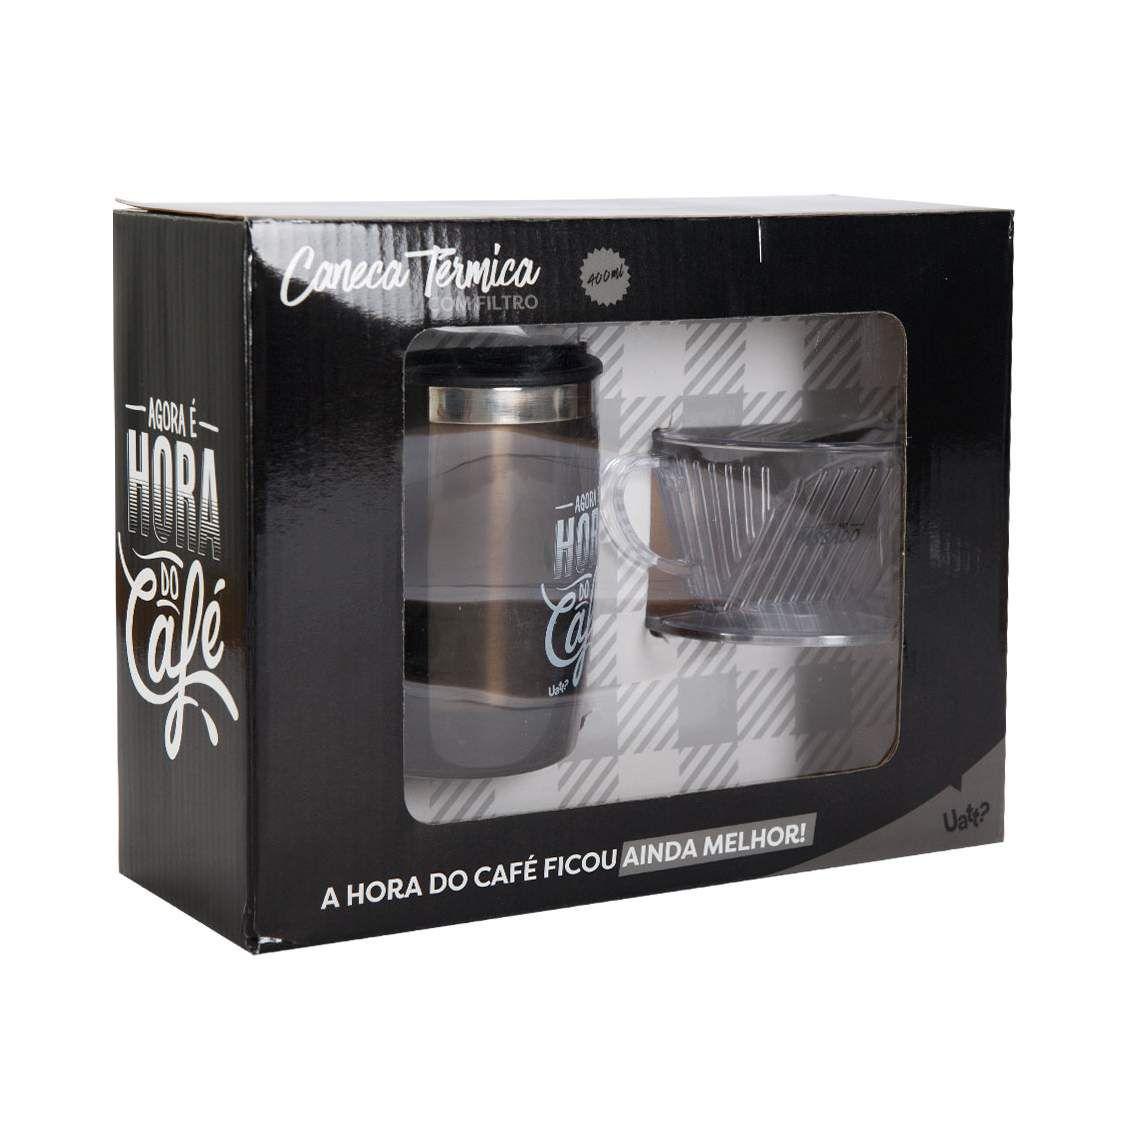 CANECA COM FILTRO - HORA DO CAFE